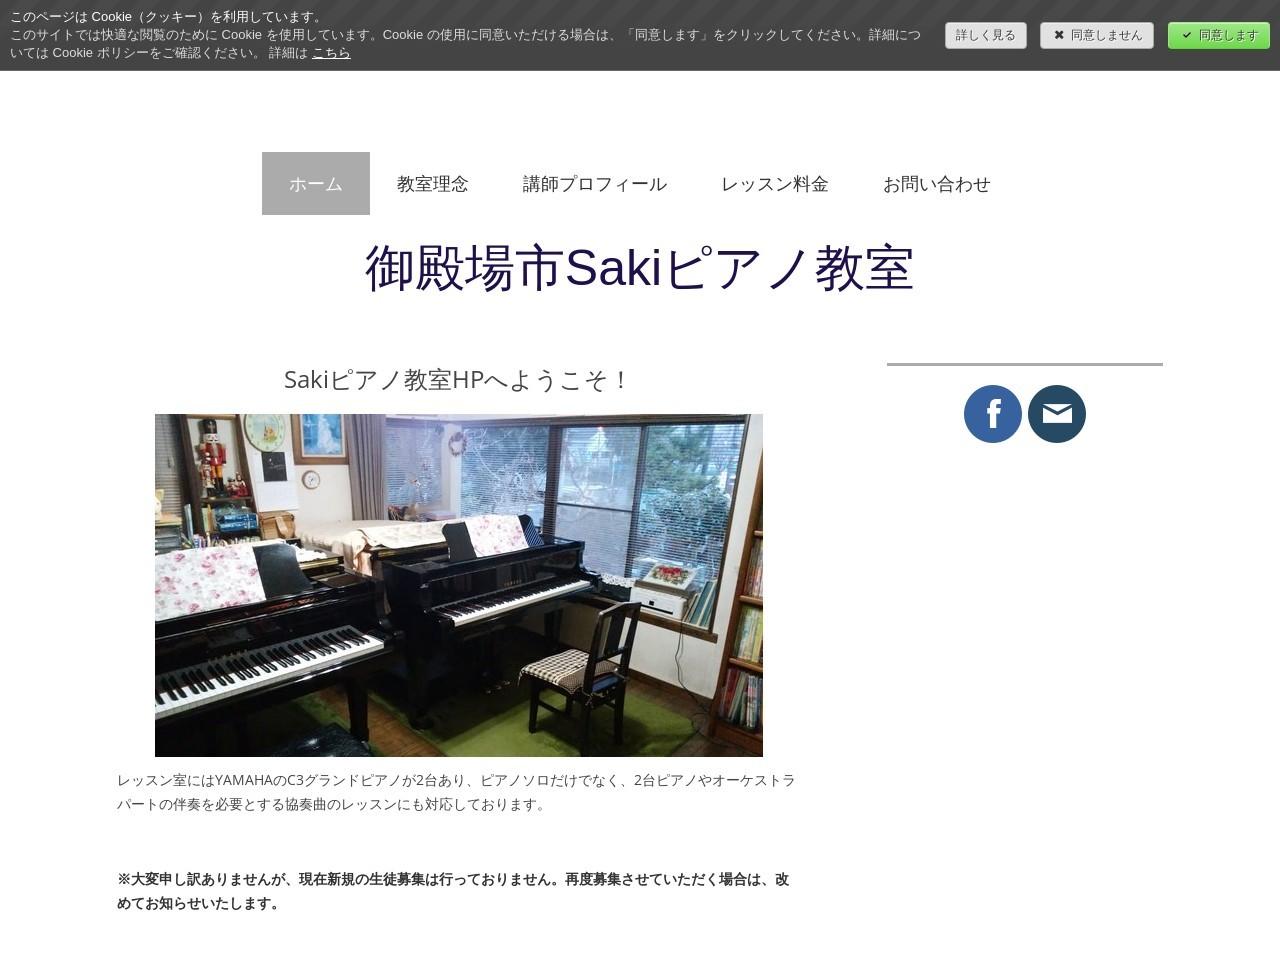 Sakiピアノ教室のサムネイル